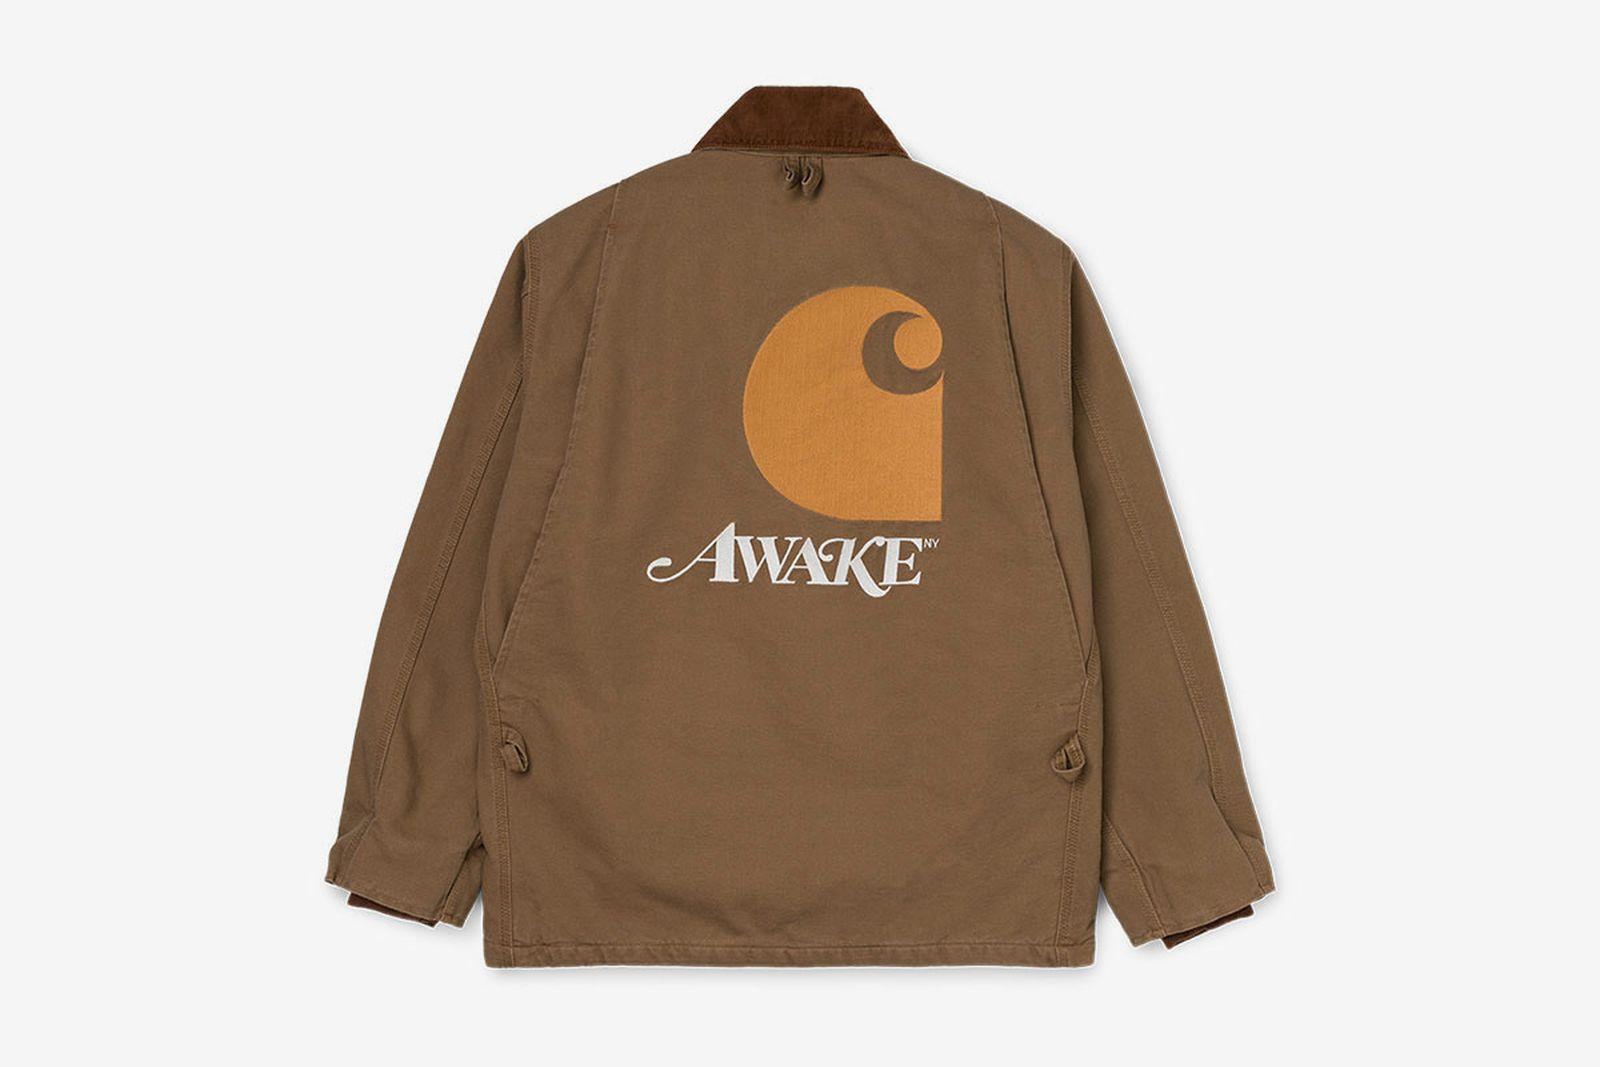 carhartt-wip-awake-ny-ss20-1-13